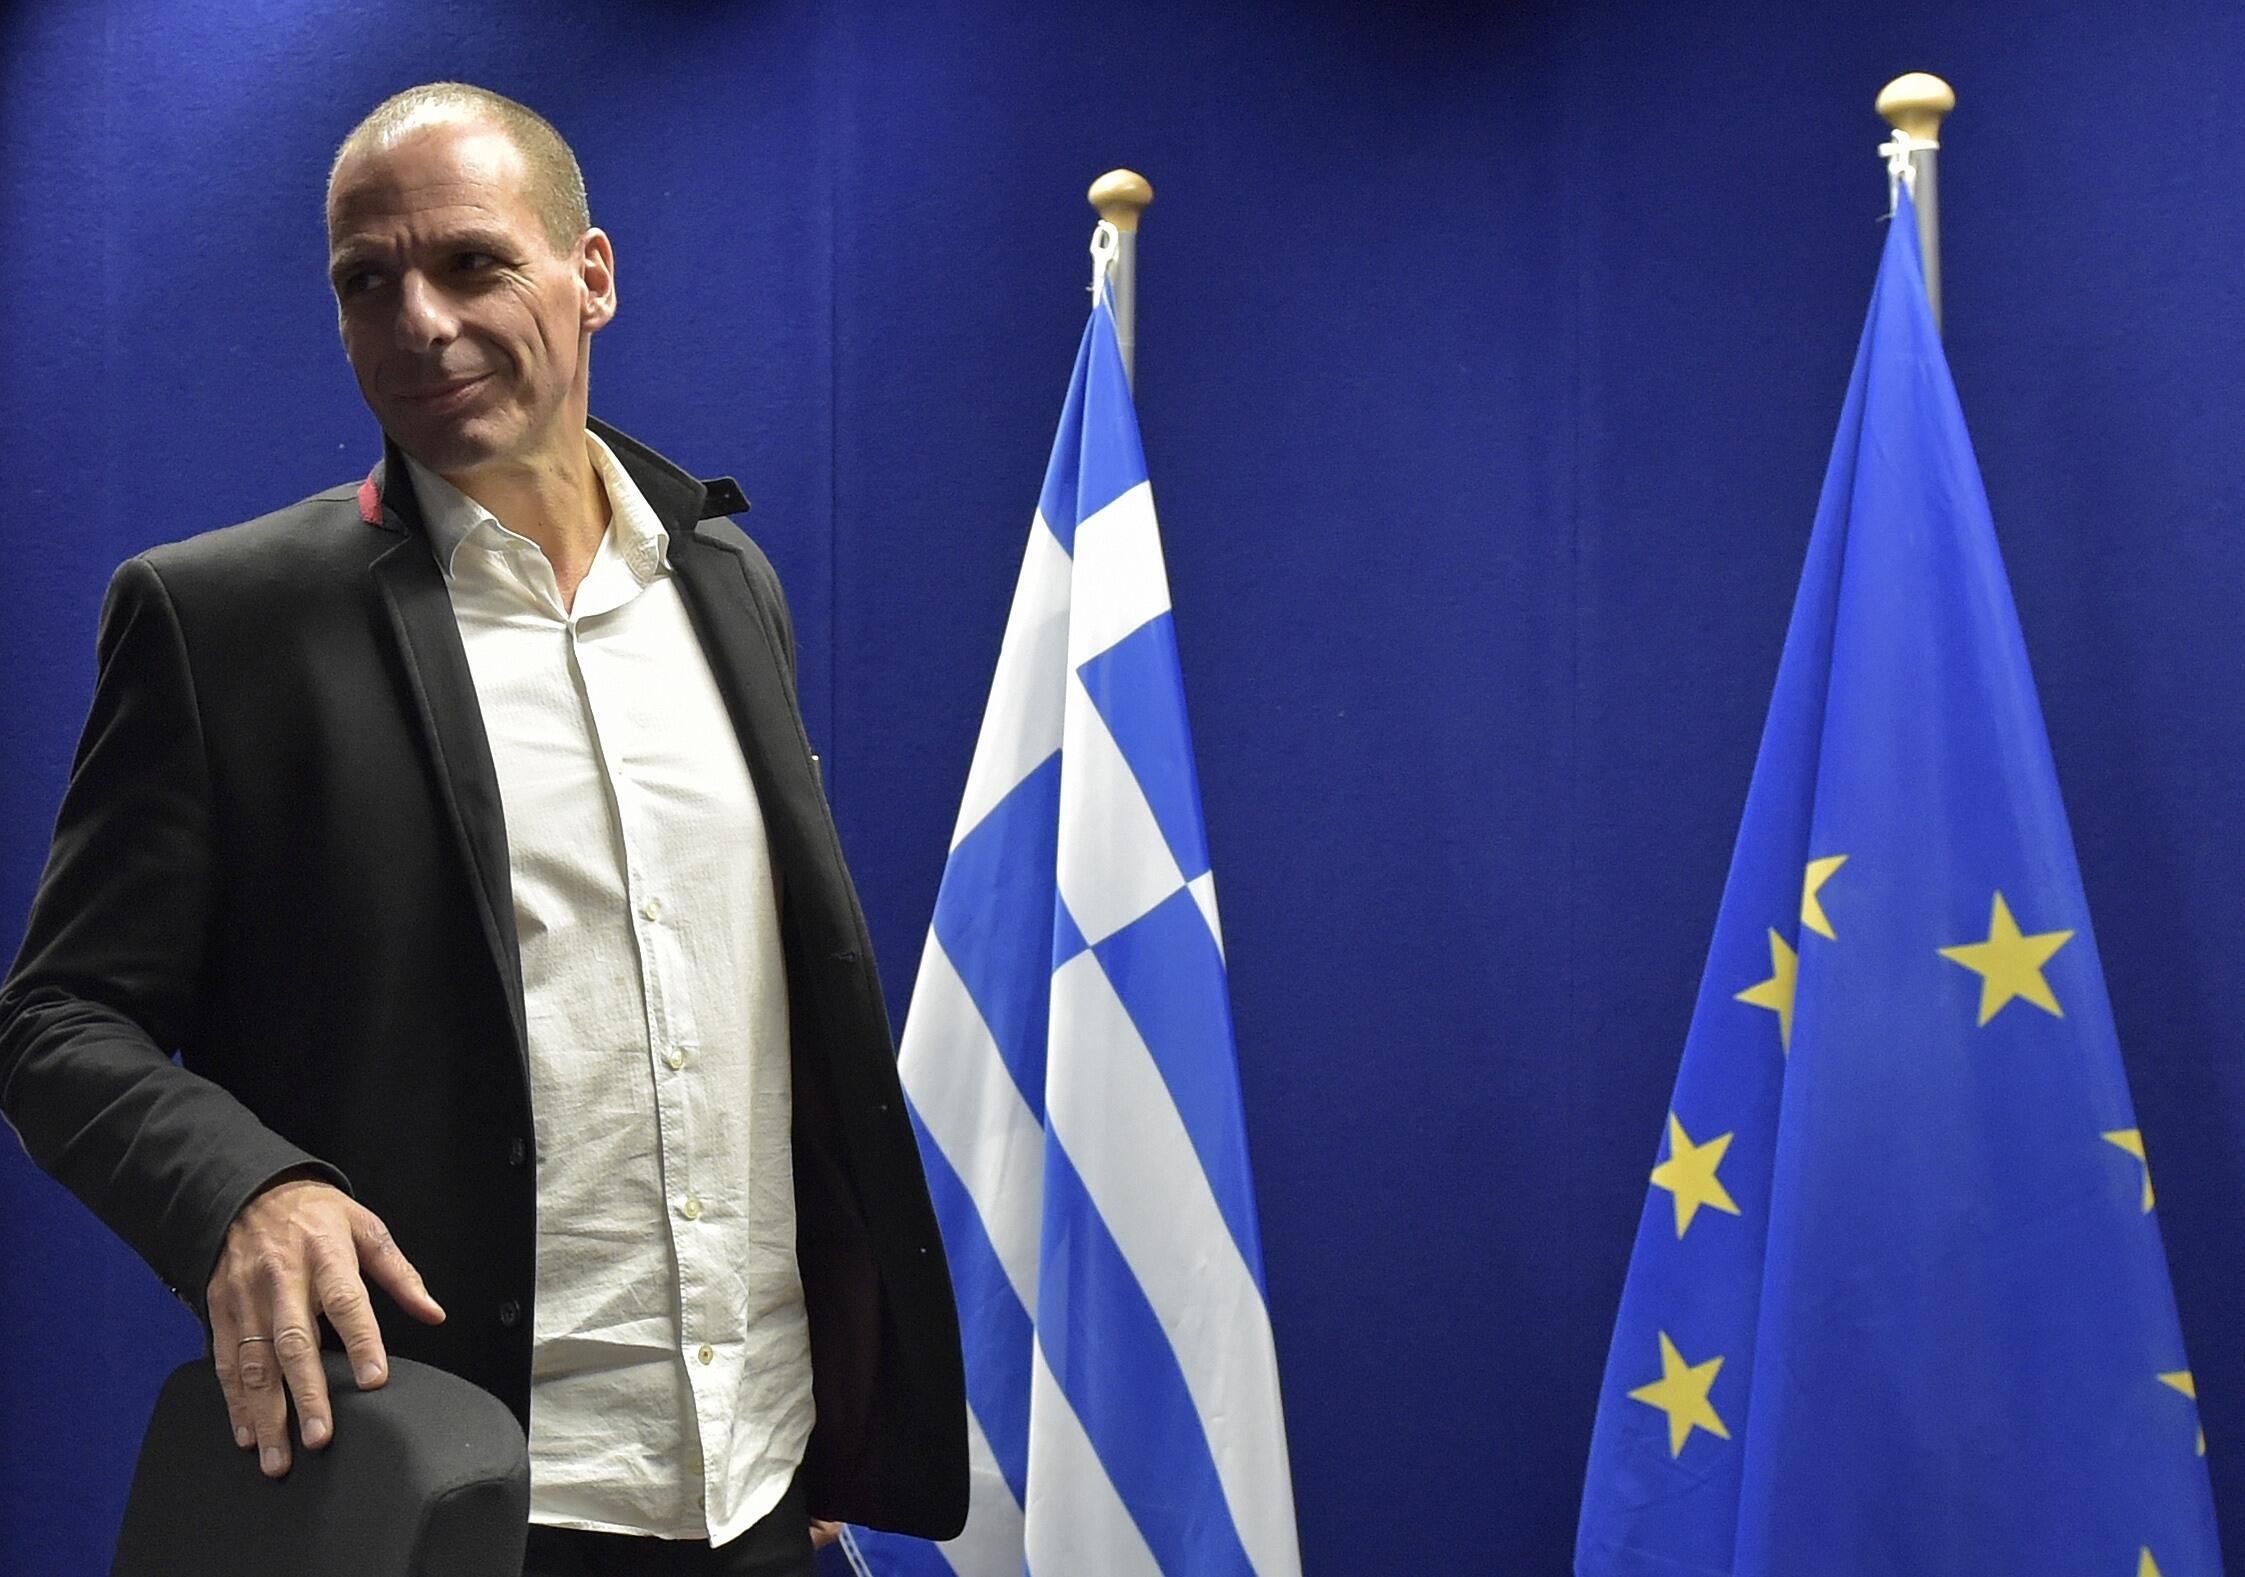 Bộ trưởng Tài chính Hy Lạp Yanis Varoufakis tại phiên họp bất thường khối Euro ngày 20/02/2015.